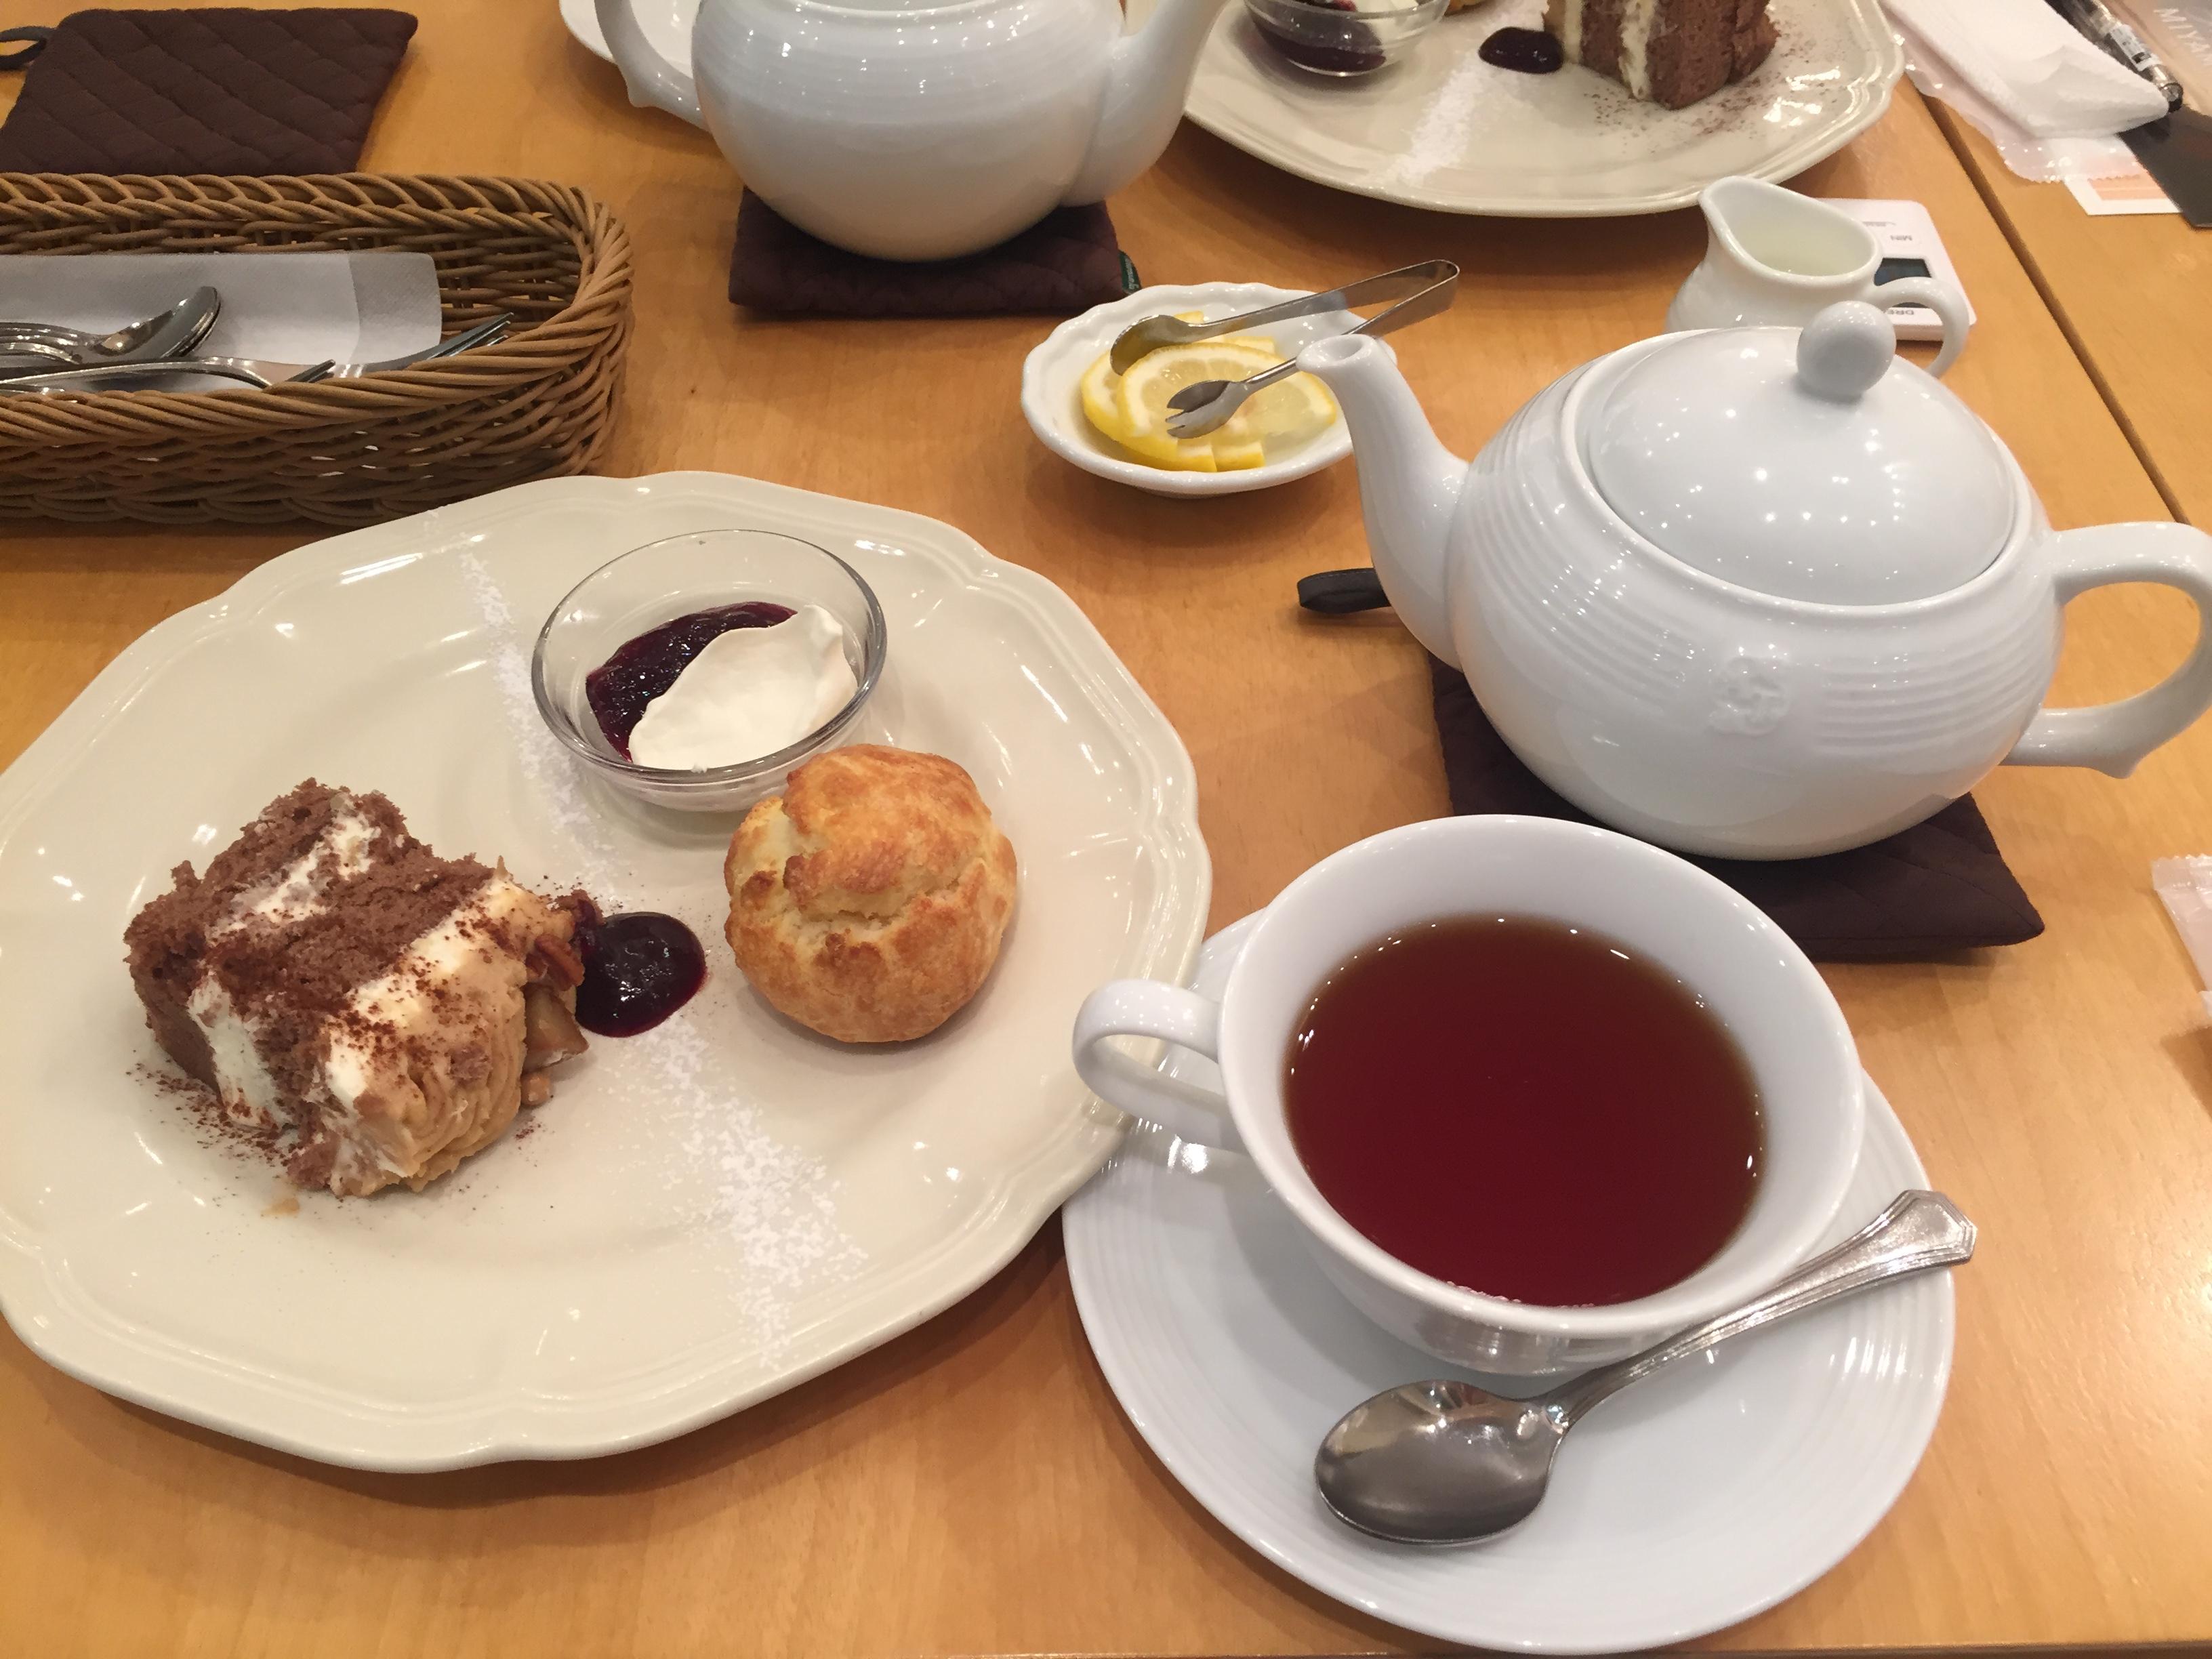 Afternoon Tea♡ワークショップで学ぶおいしい紅茶の淹れ方♪